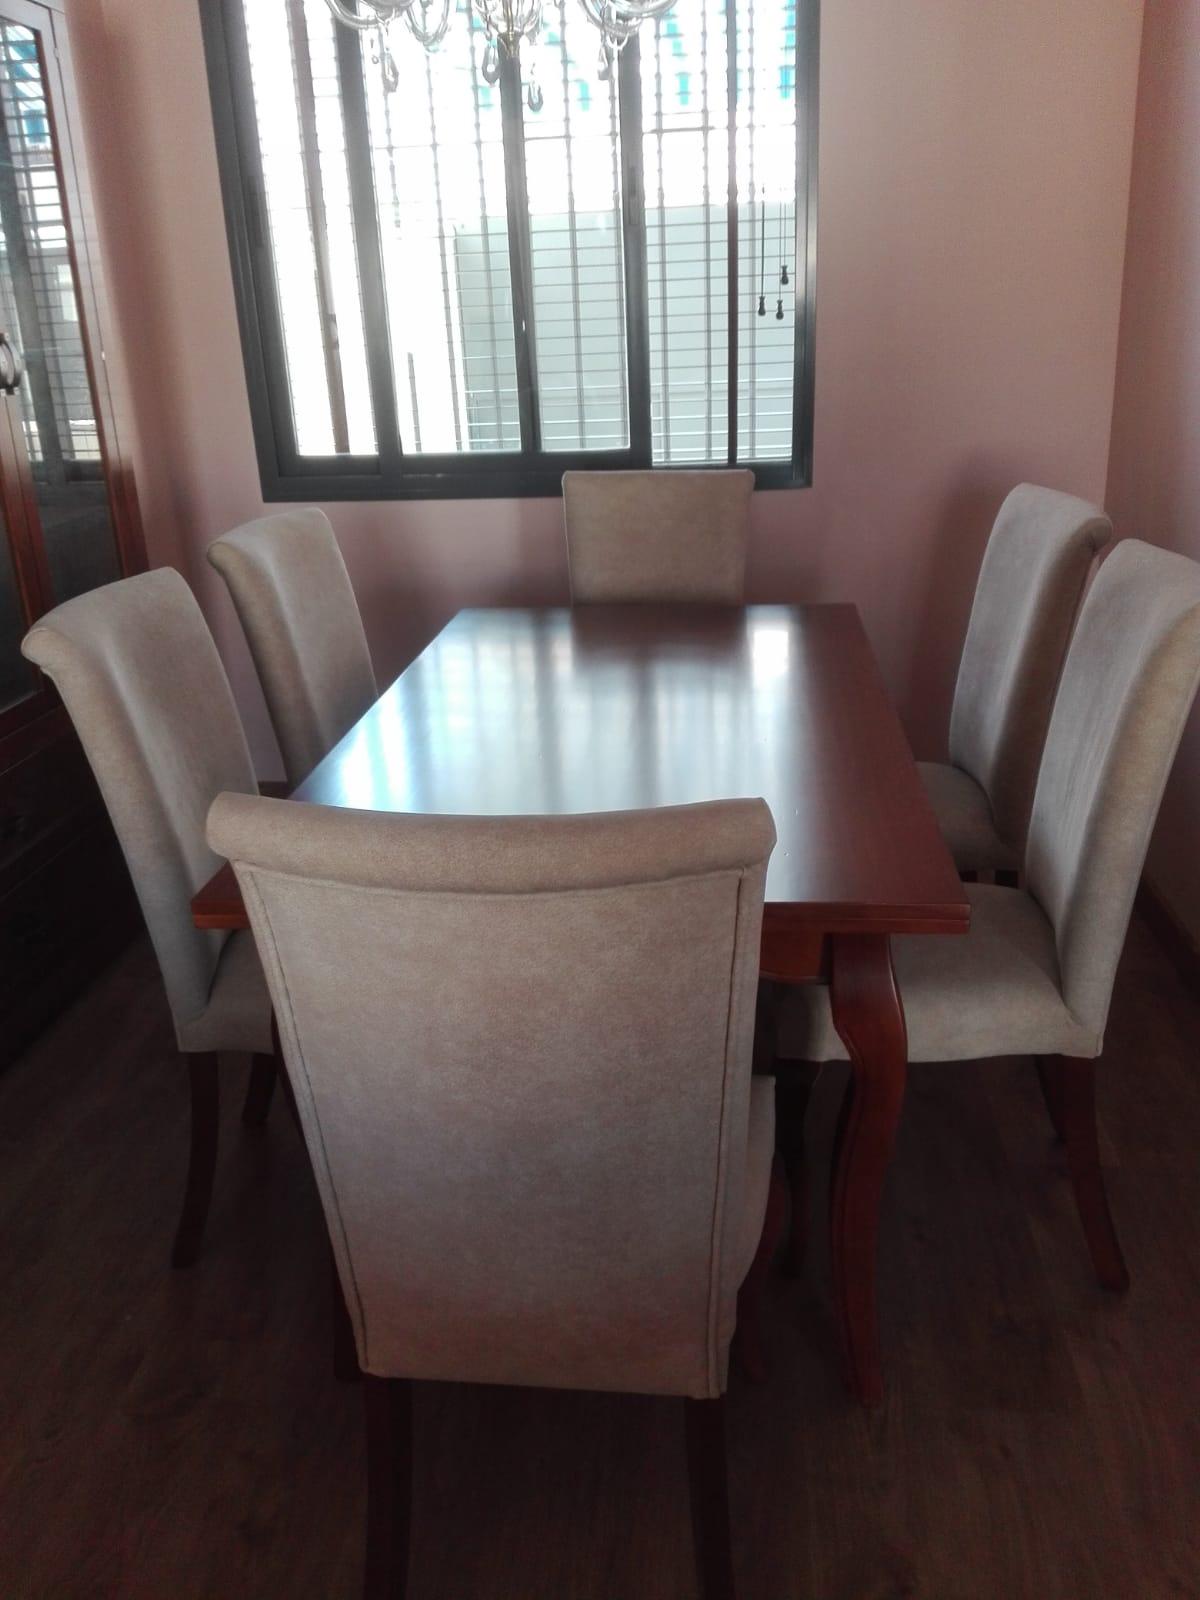 Salón comedor: vitrina, mesa y sillas de madera